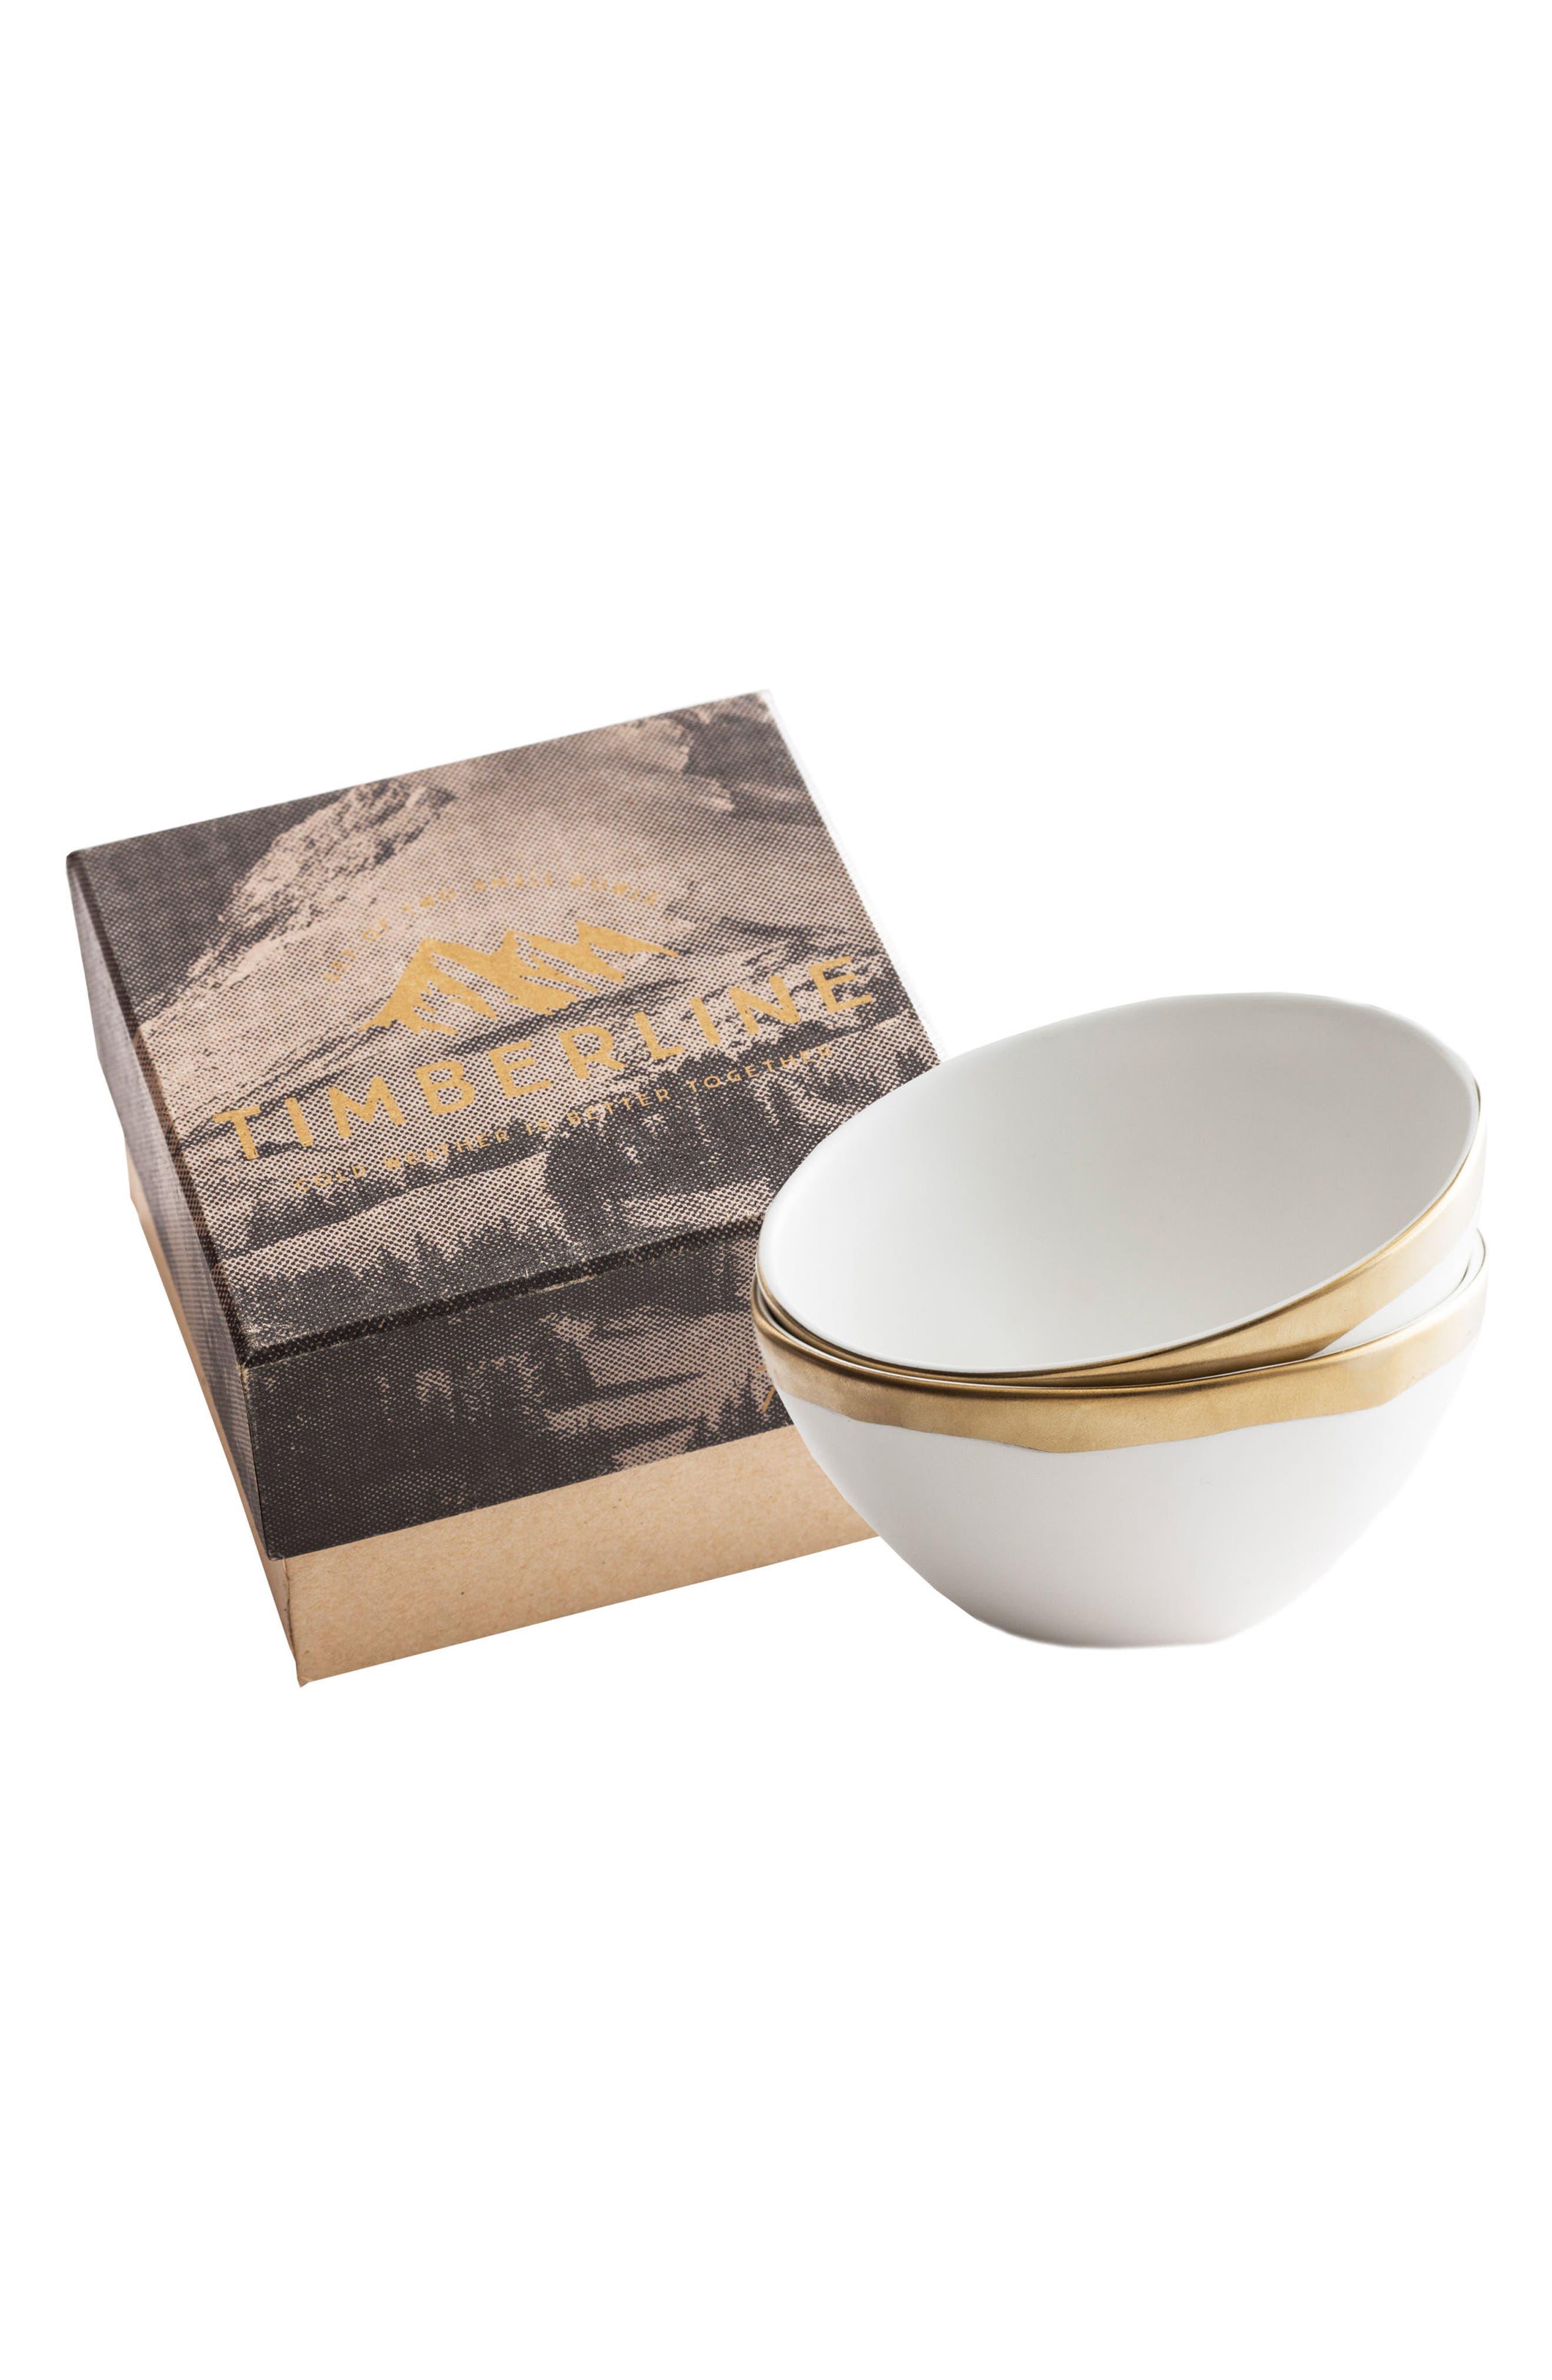 Timberline Set of 2 Porcelain Bowls,                         Main,                         color, 100